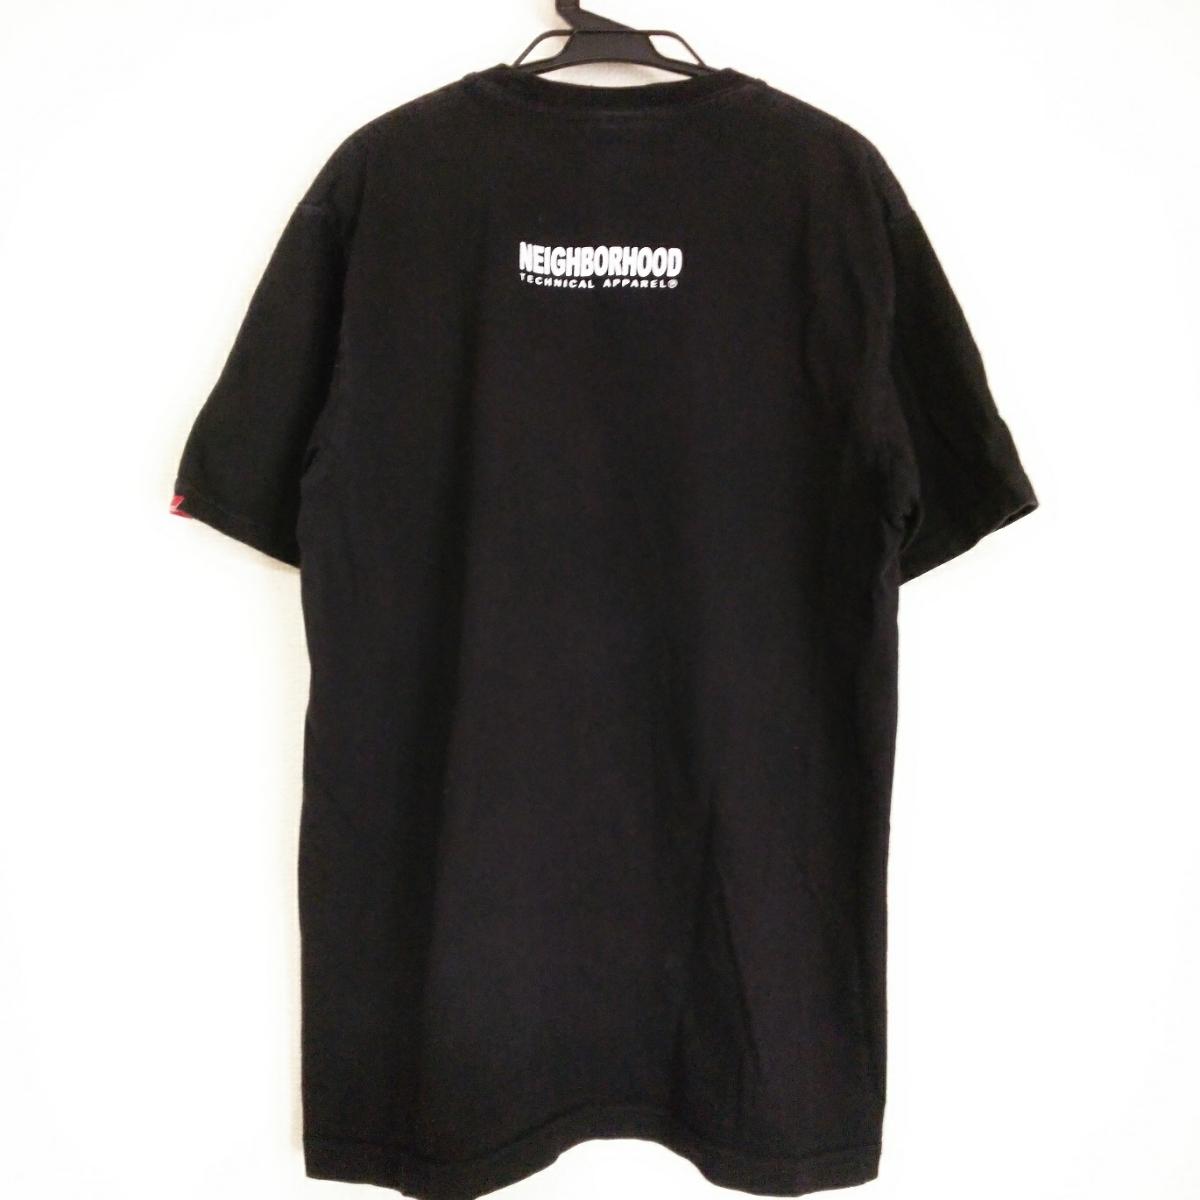 PV9 NEIGHBORHOOD ネイバーフッド メンズ M 半袖 Tシャツ 黒 ブラック ロゴ_画像2